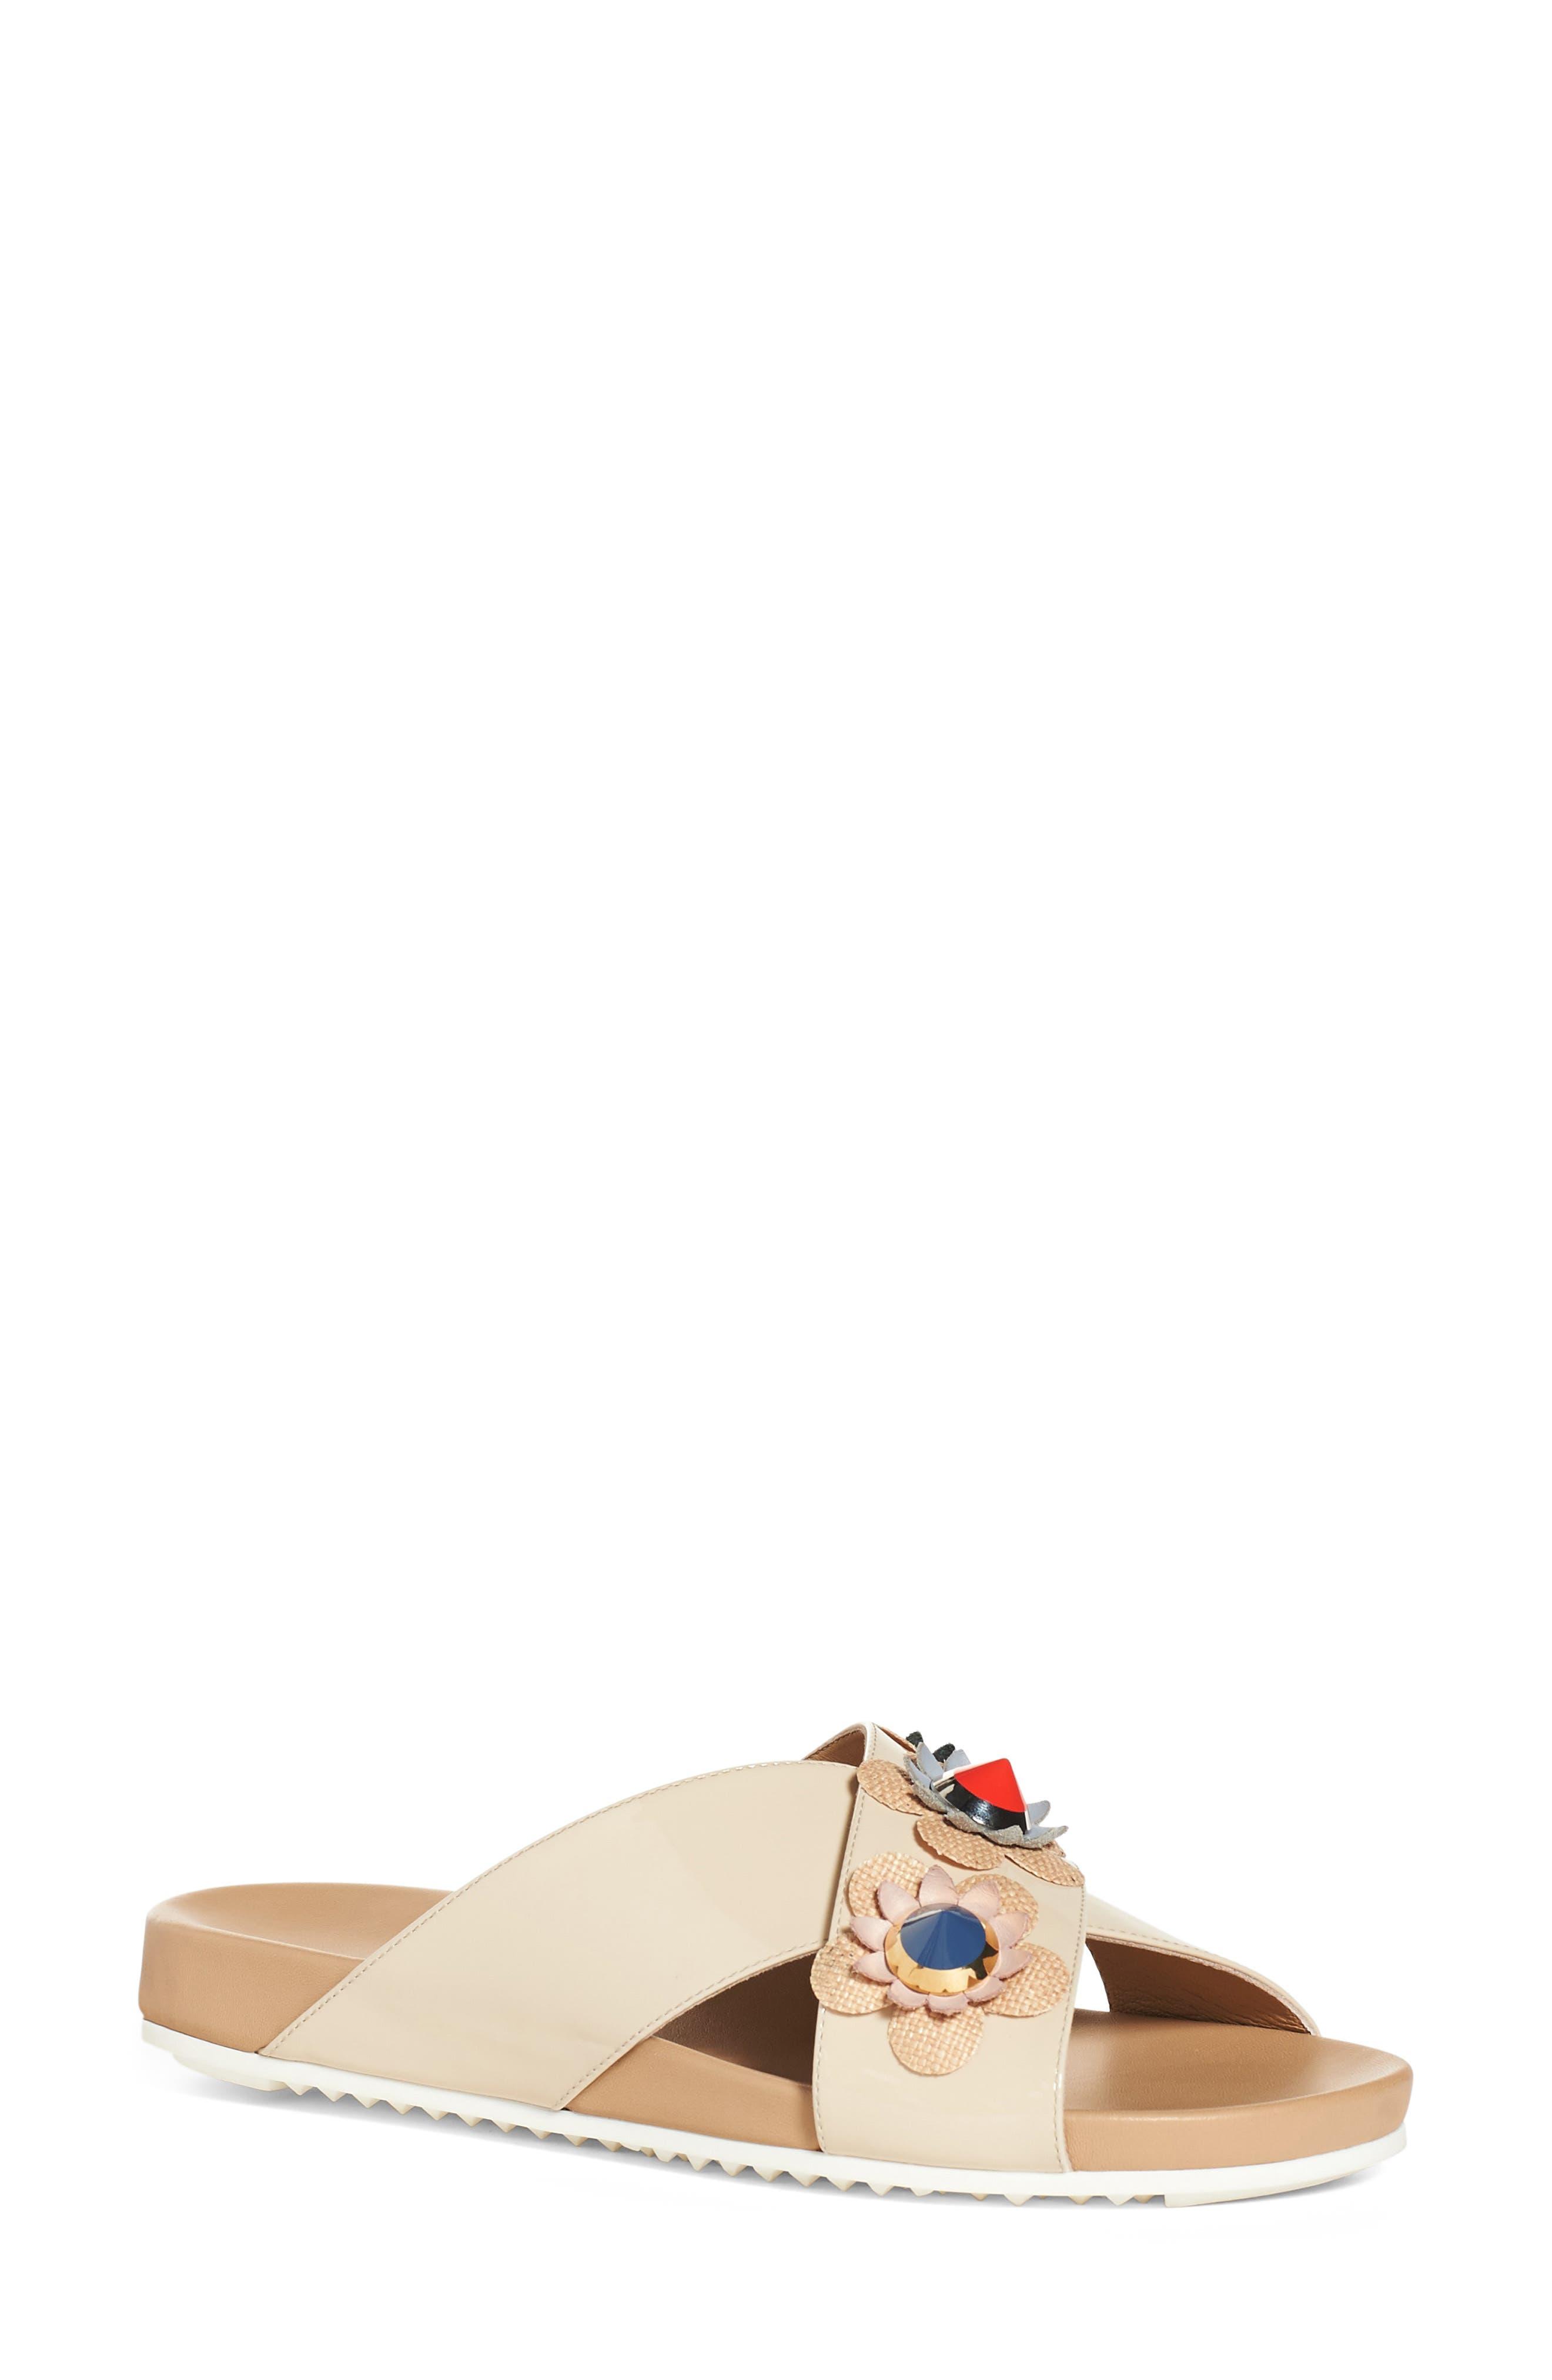 Alternate Image 1 Selected - Fendi Flowerland Slide Sandal (Women)